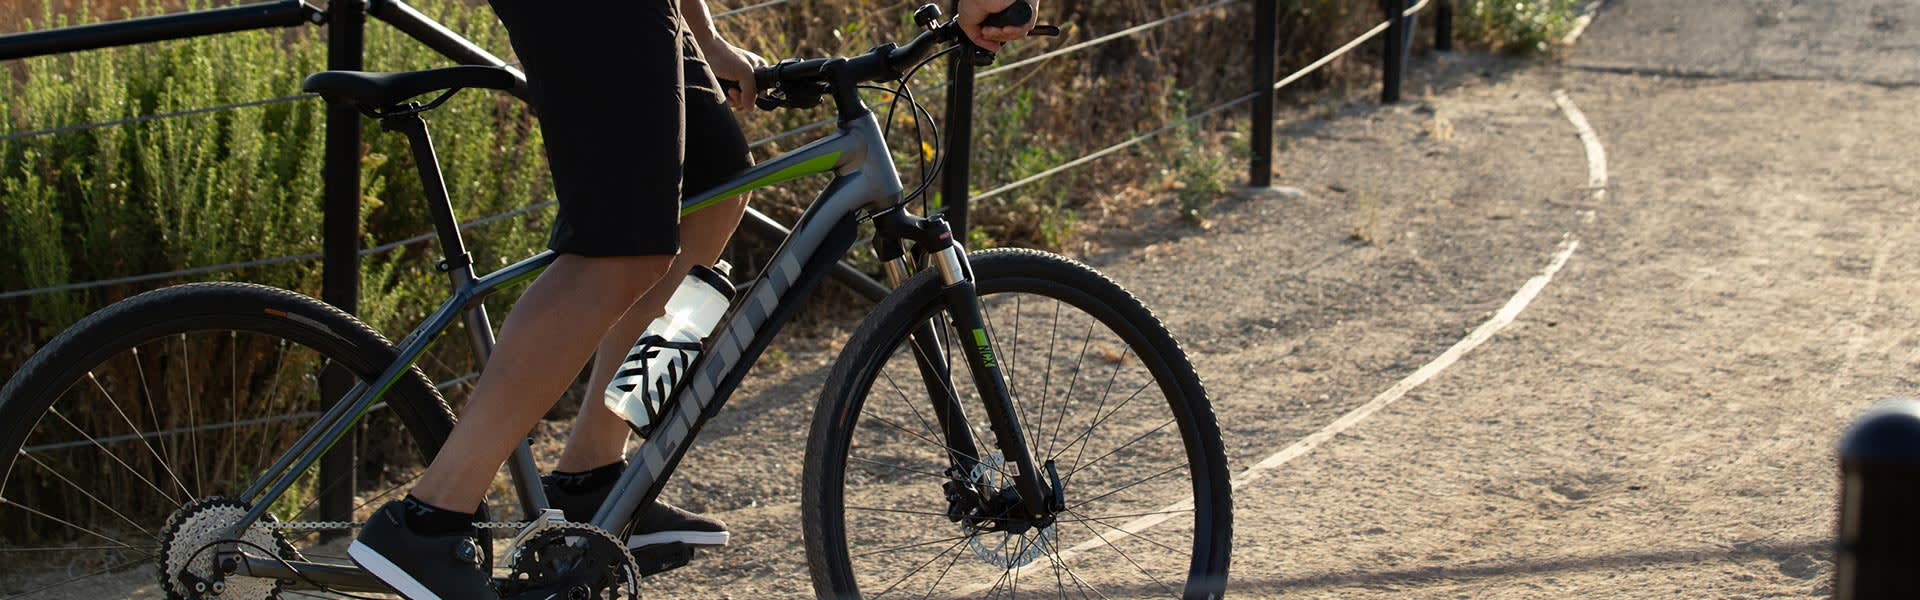 Adventure Bikes